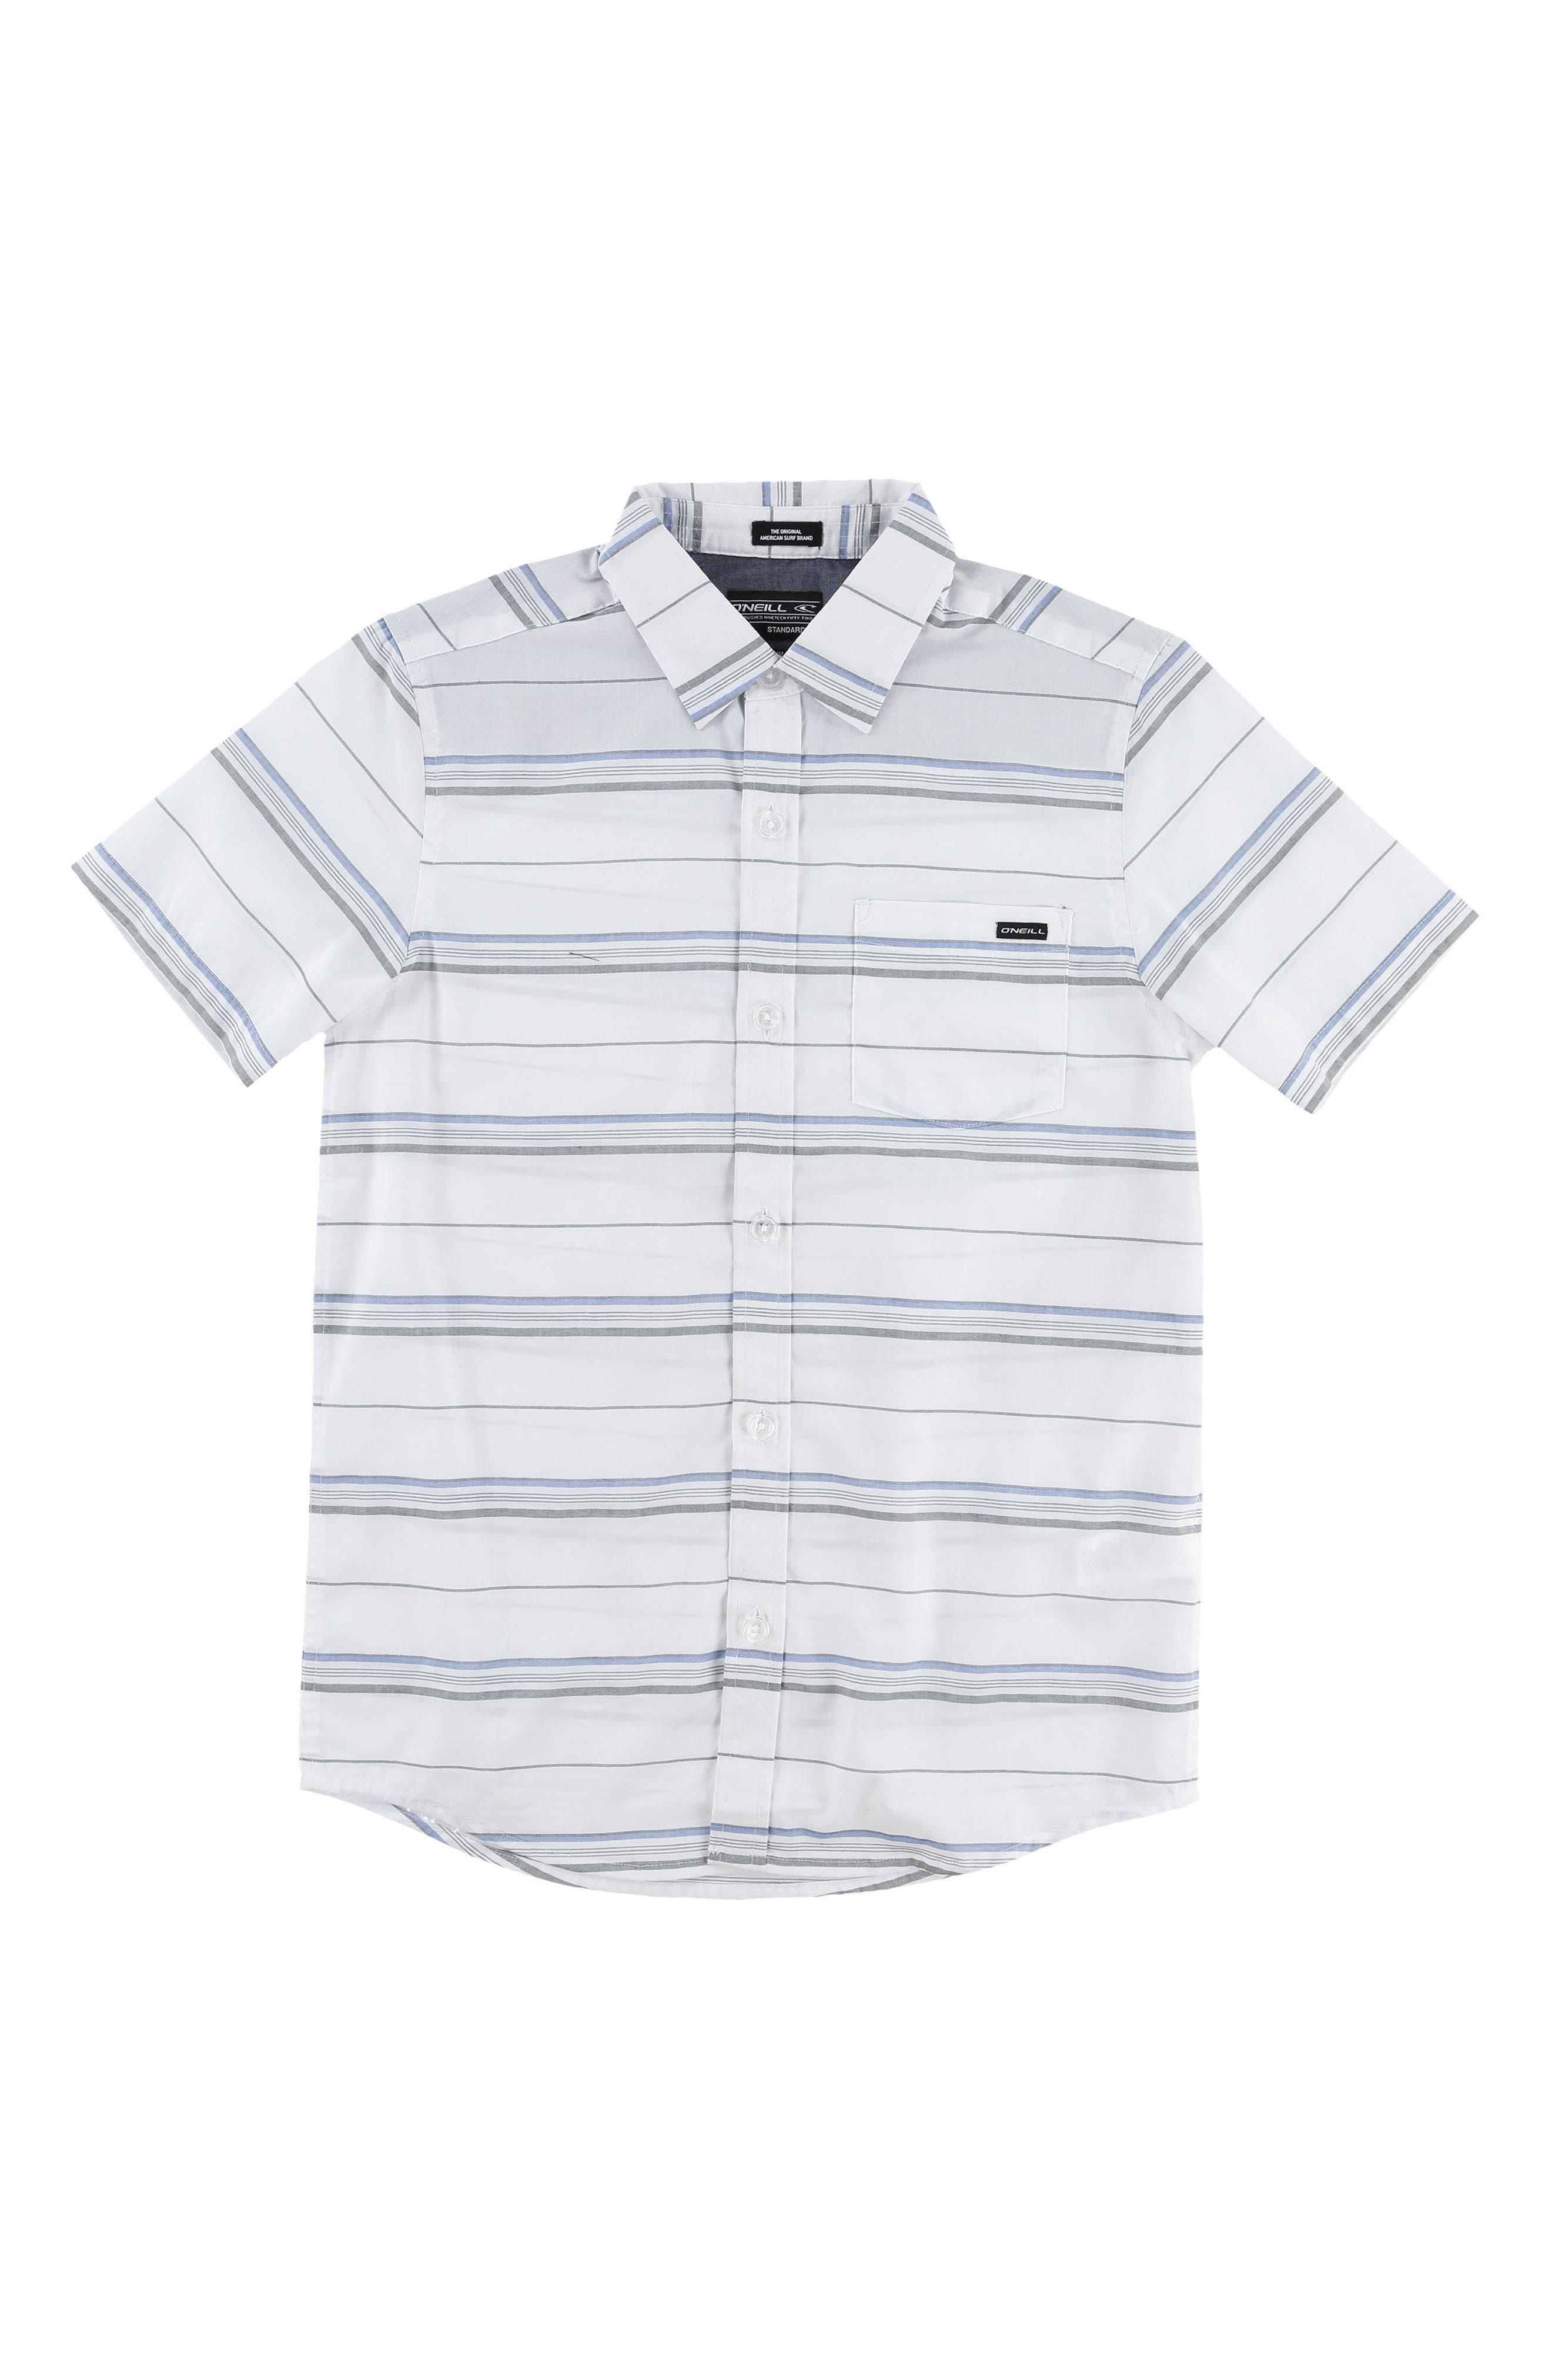 ONEILL Stripe Woven Shirt